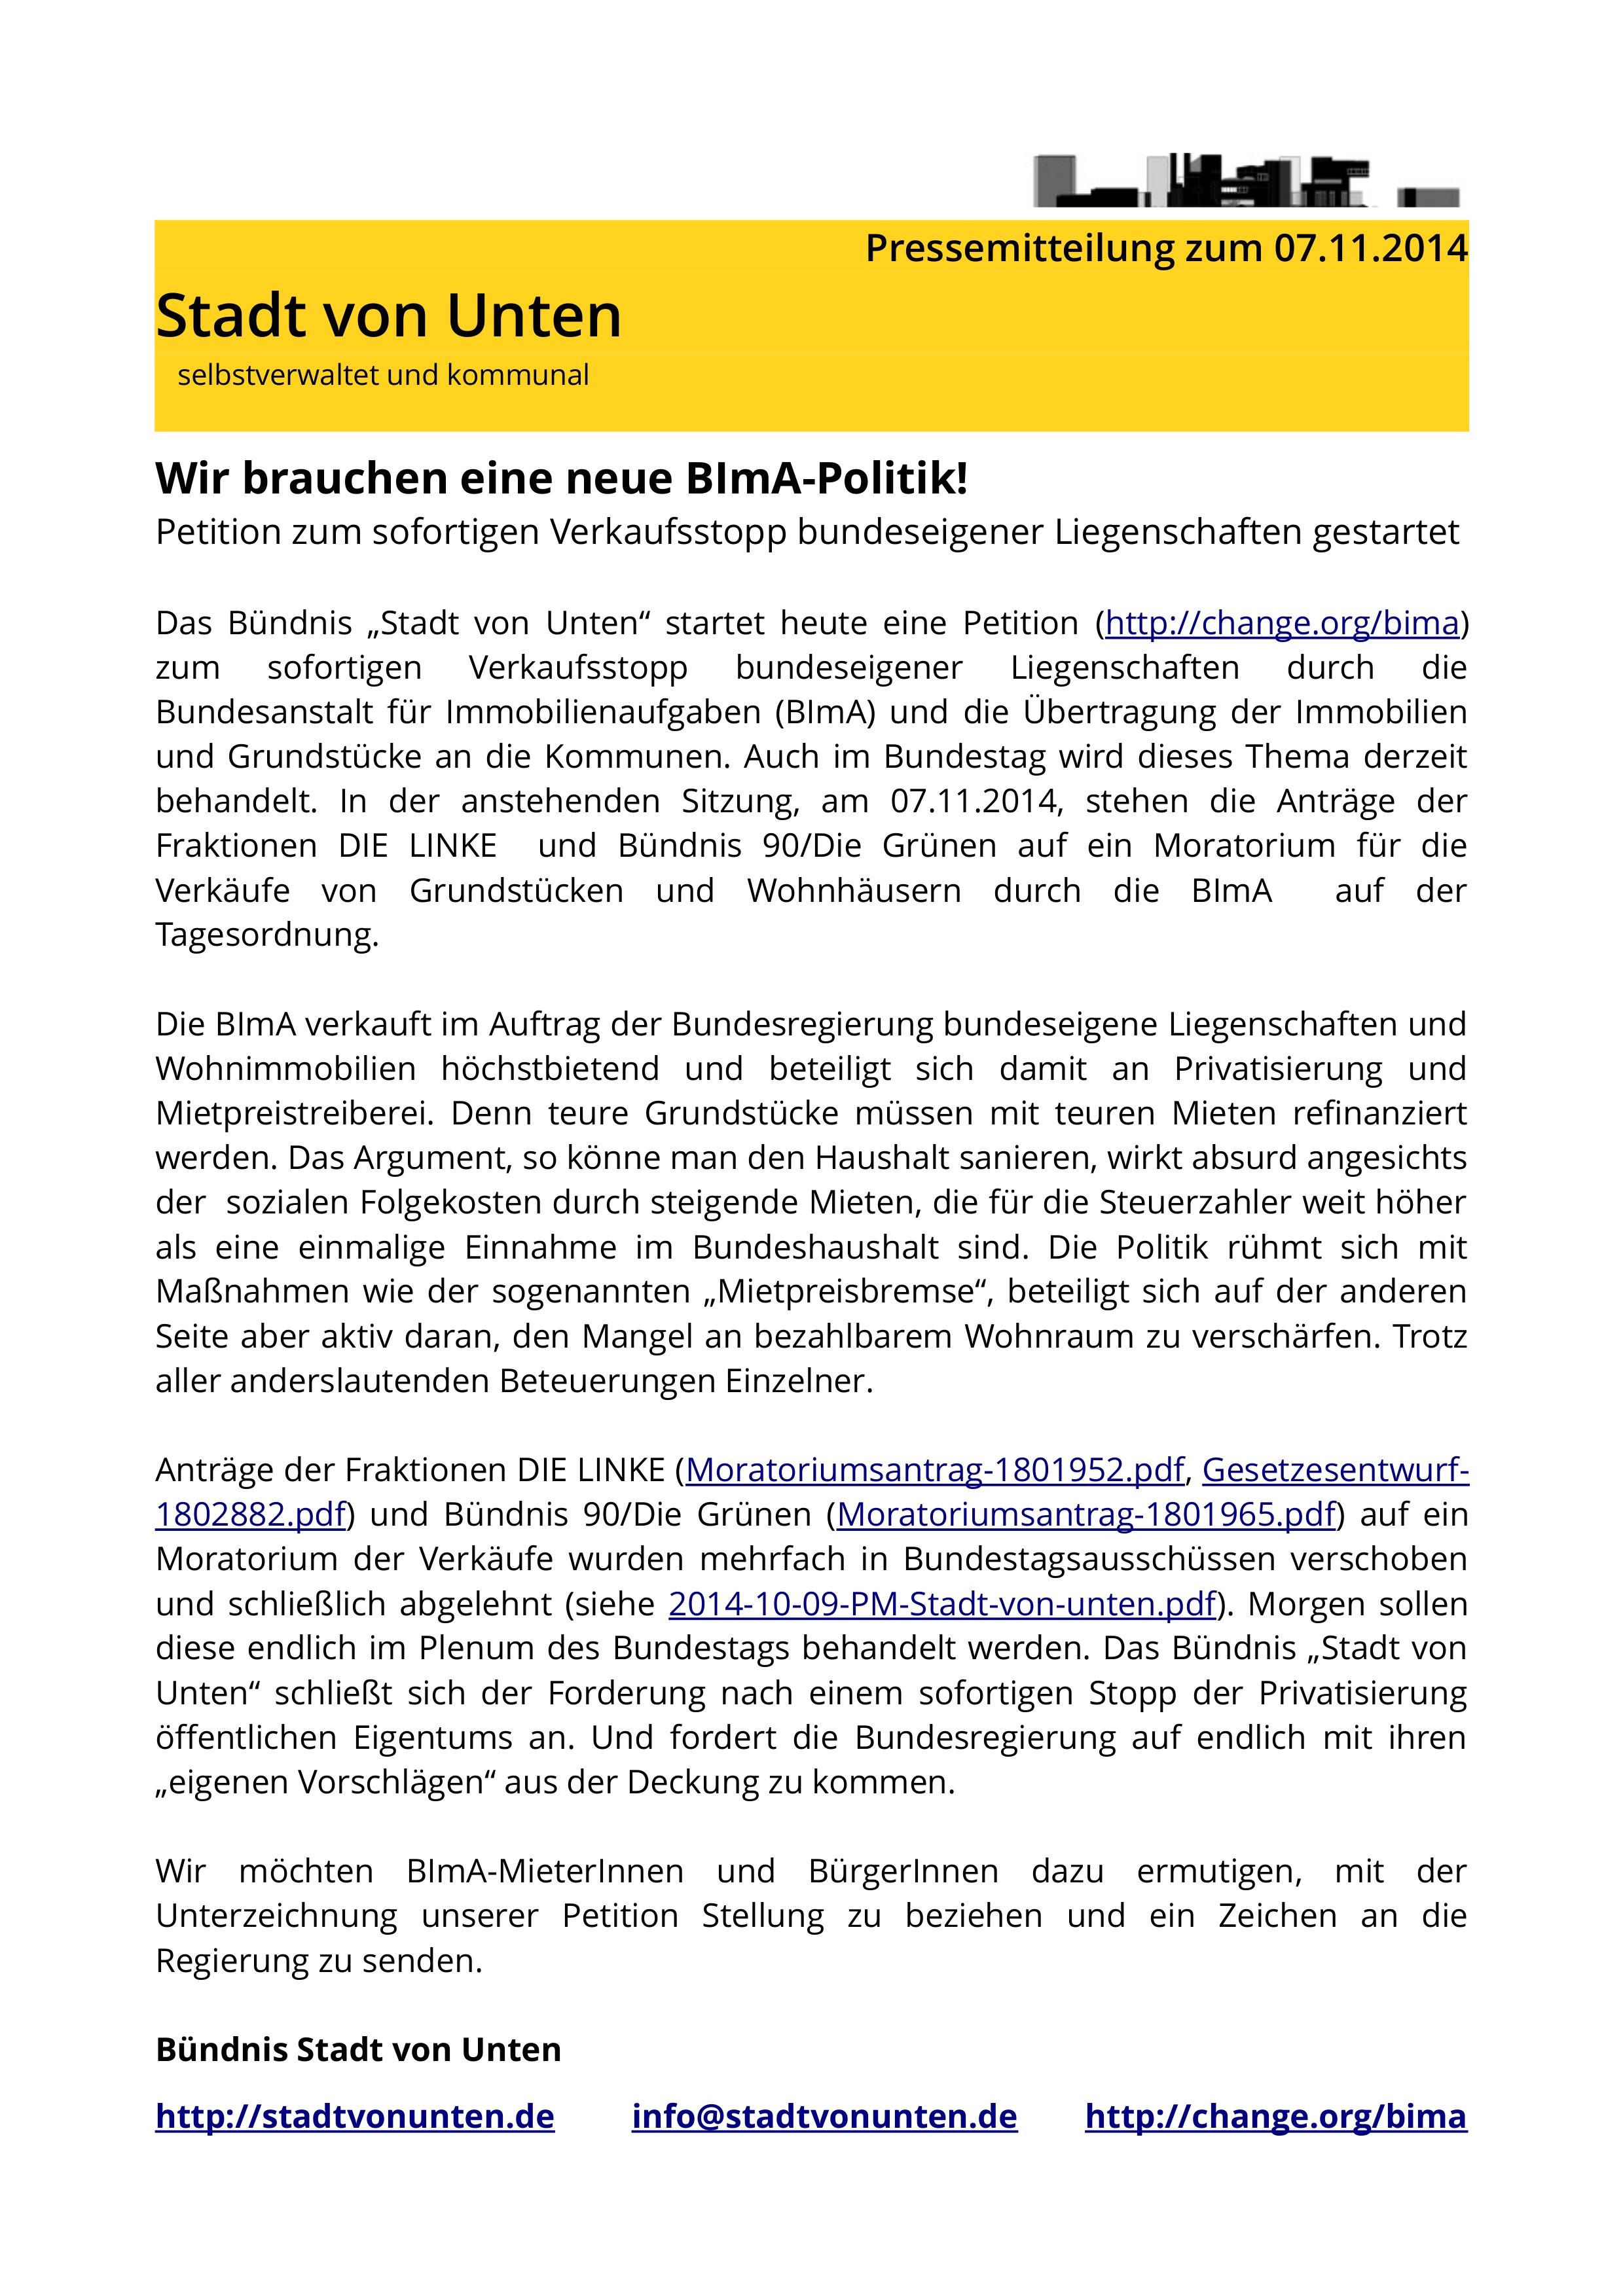 Pressemitteilung 2014-11-07